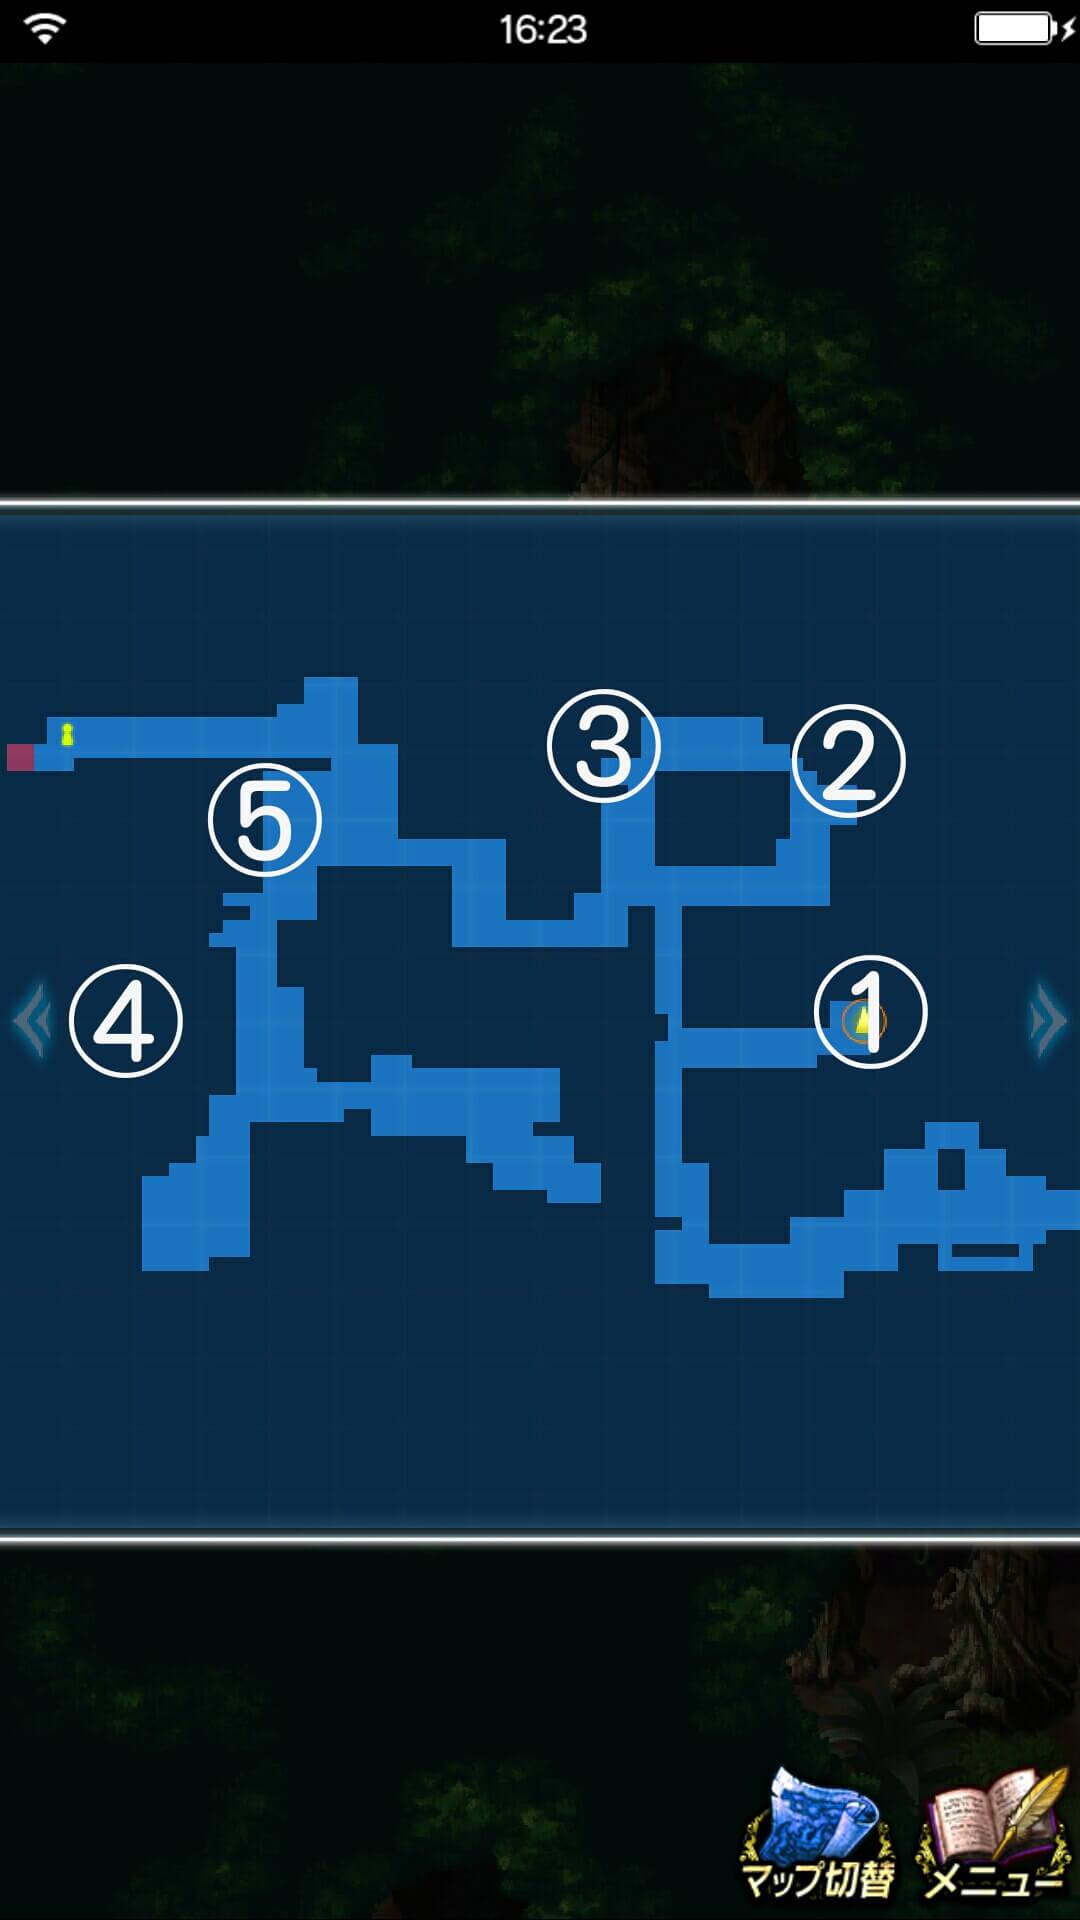 幻のチョコチョコボを守れ!探索マップ4